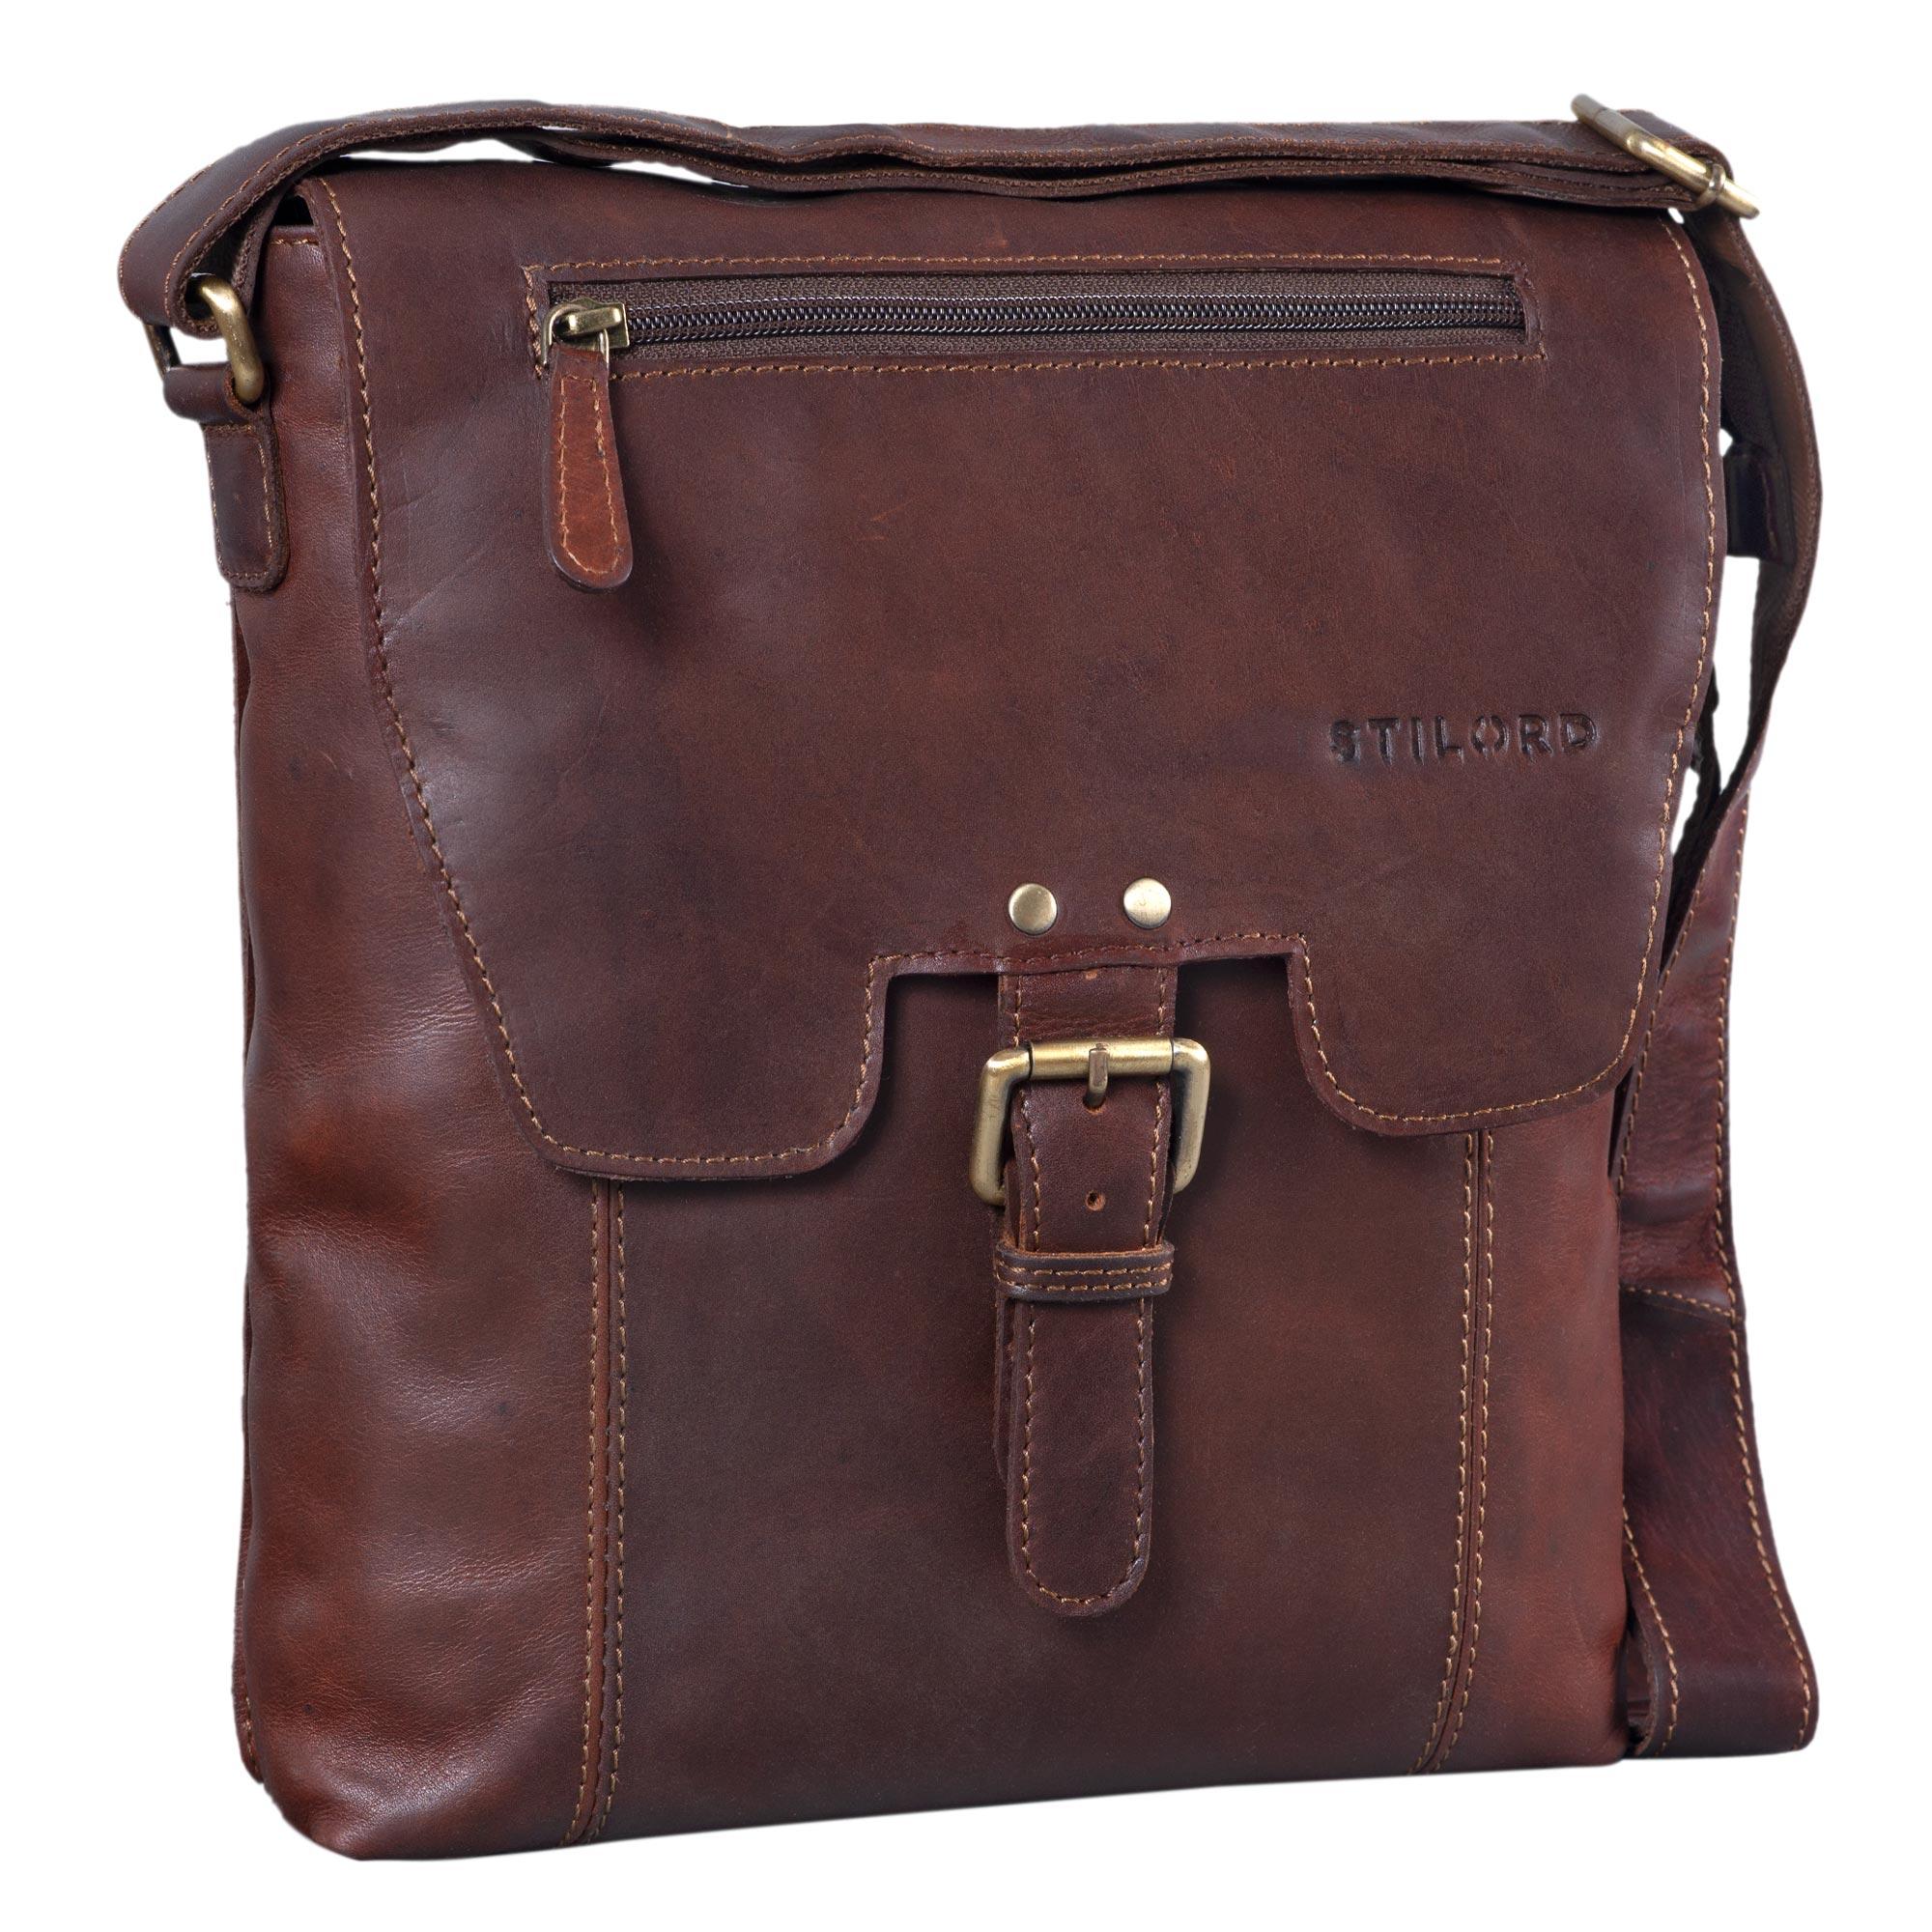 """STILORD """"Rico"""" Vintage Herren Umhängetasche echtes Leder Messenger Bag 10.1 Zoll Tablet-Tasche mittel-große Schultertasche für Männer Echtleder - Bild 8"""